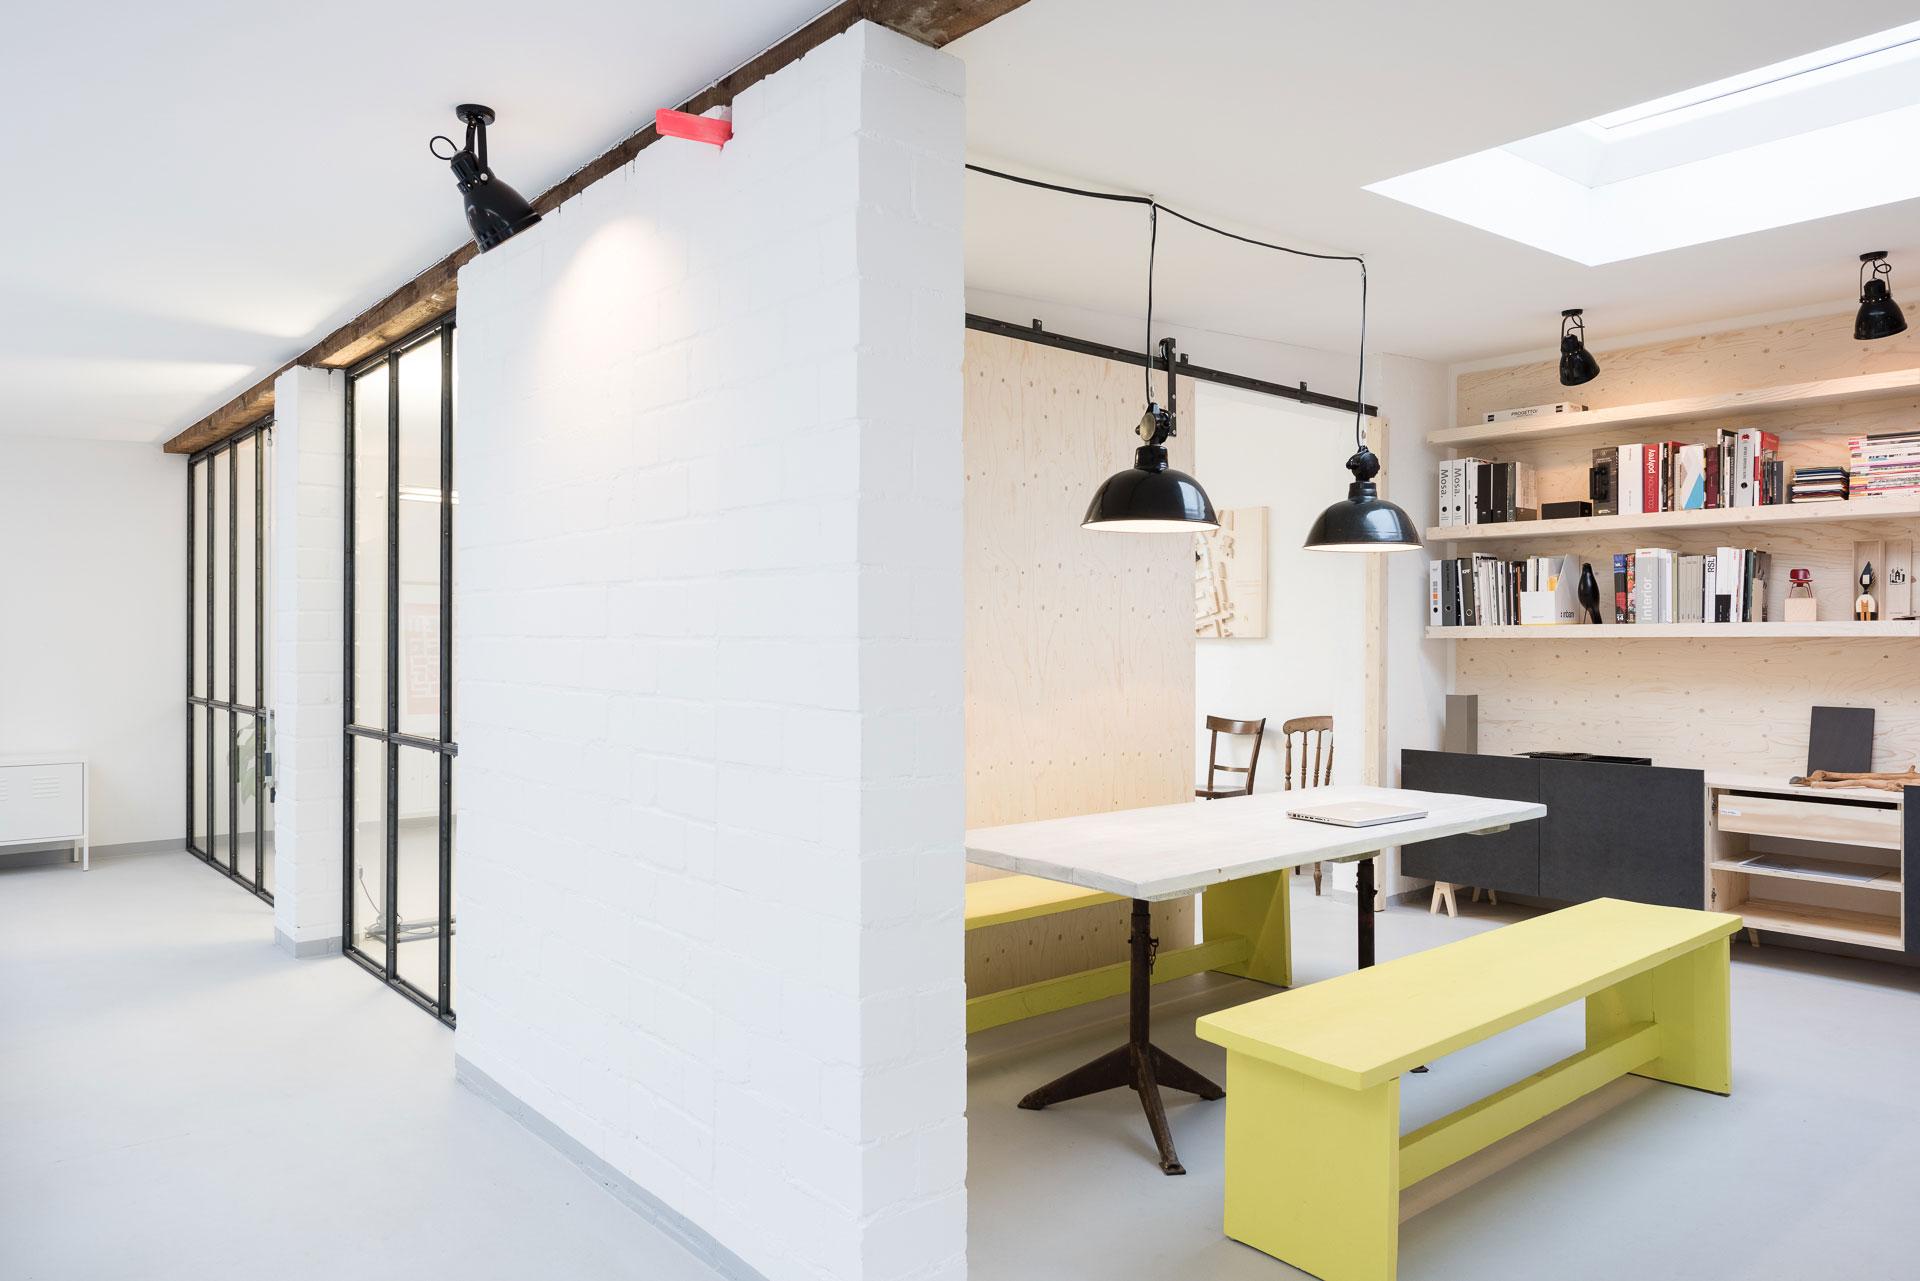 Architekt architekturbüro düsseldorf altbausanierung innenarchitektur düsseldorf bauen im bestand mea studio